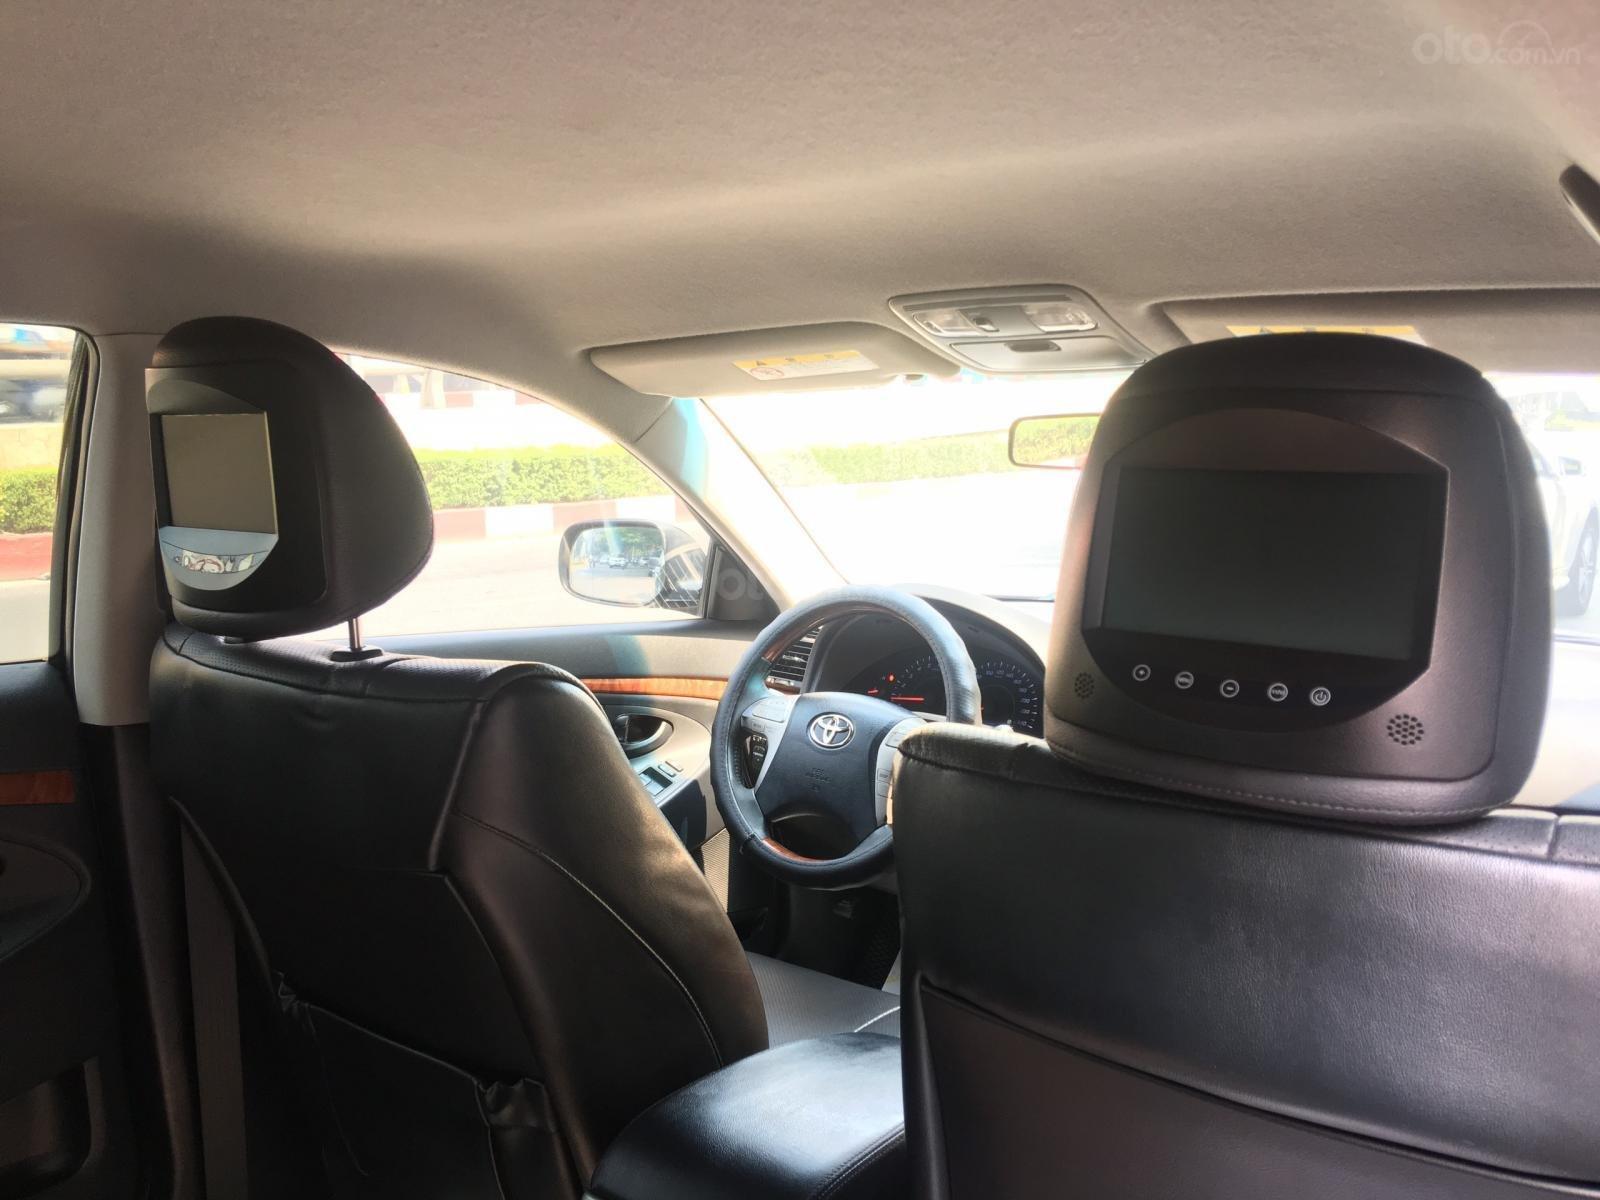 Cần bán xe Toyota Camry 2.0E sản xuất năm 2010, màu đen, xe nhập (9)